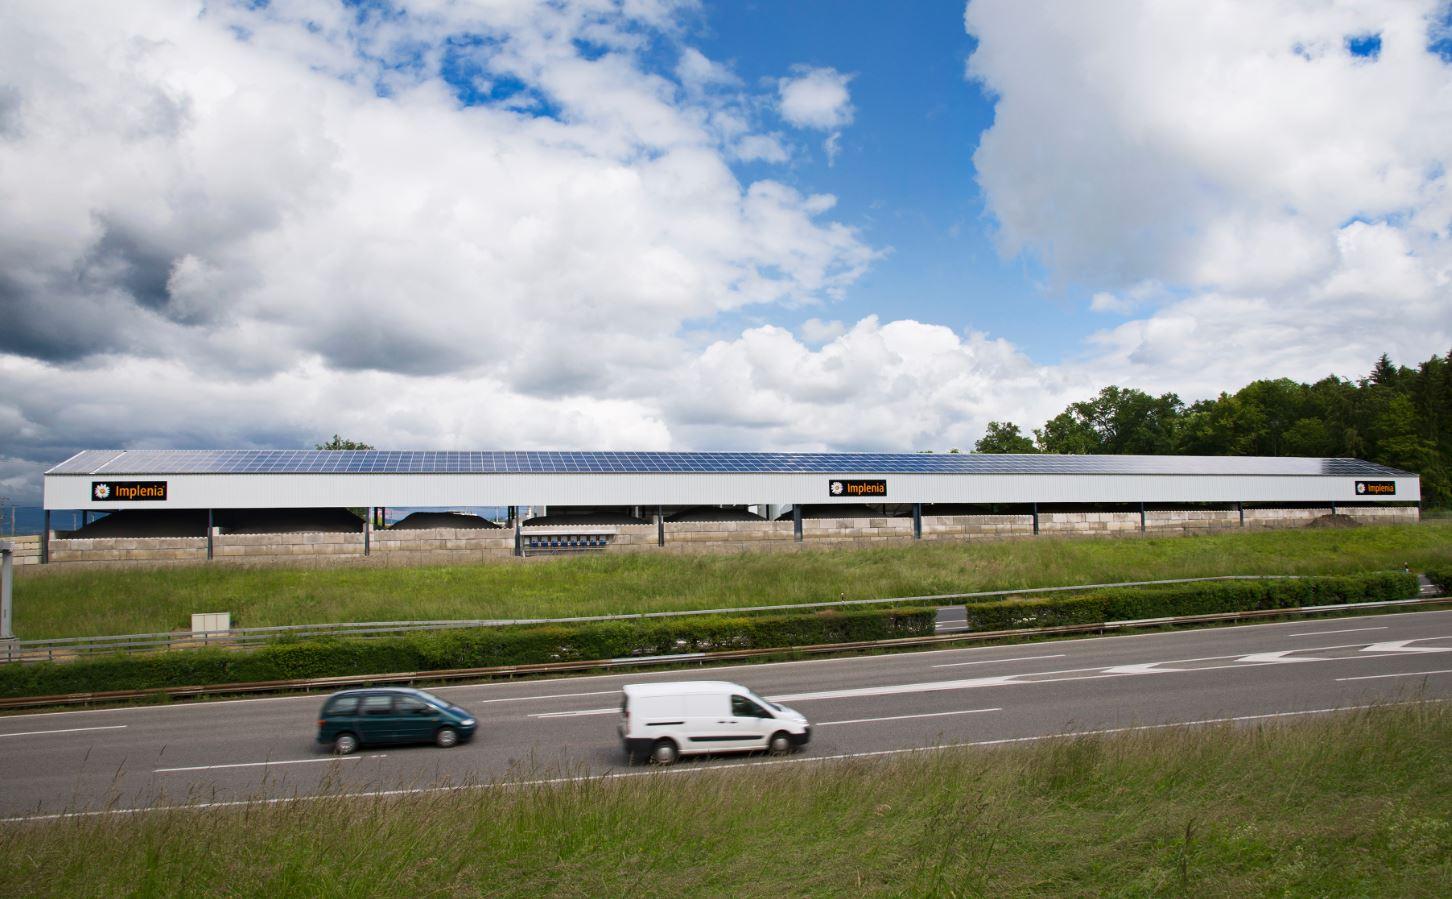 Implenia inaugure un projet phare en matière de développement durable : La centrale d'enrobés la plus durable de Suisse